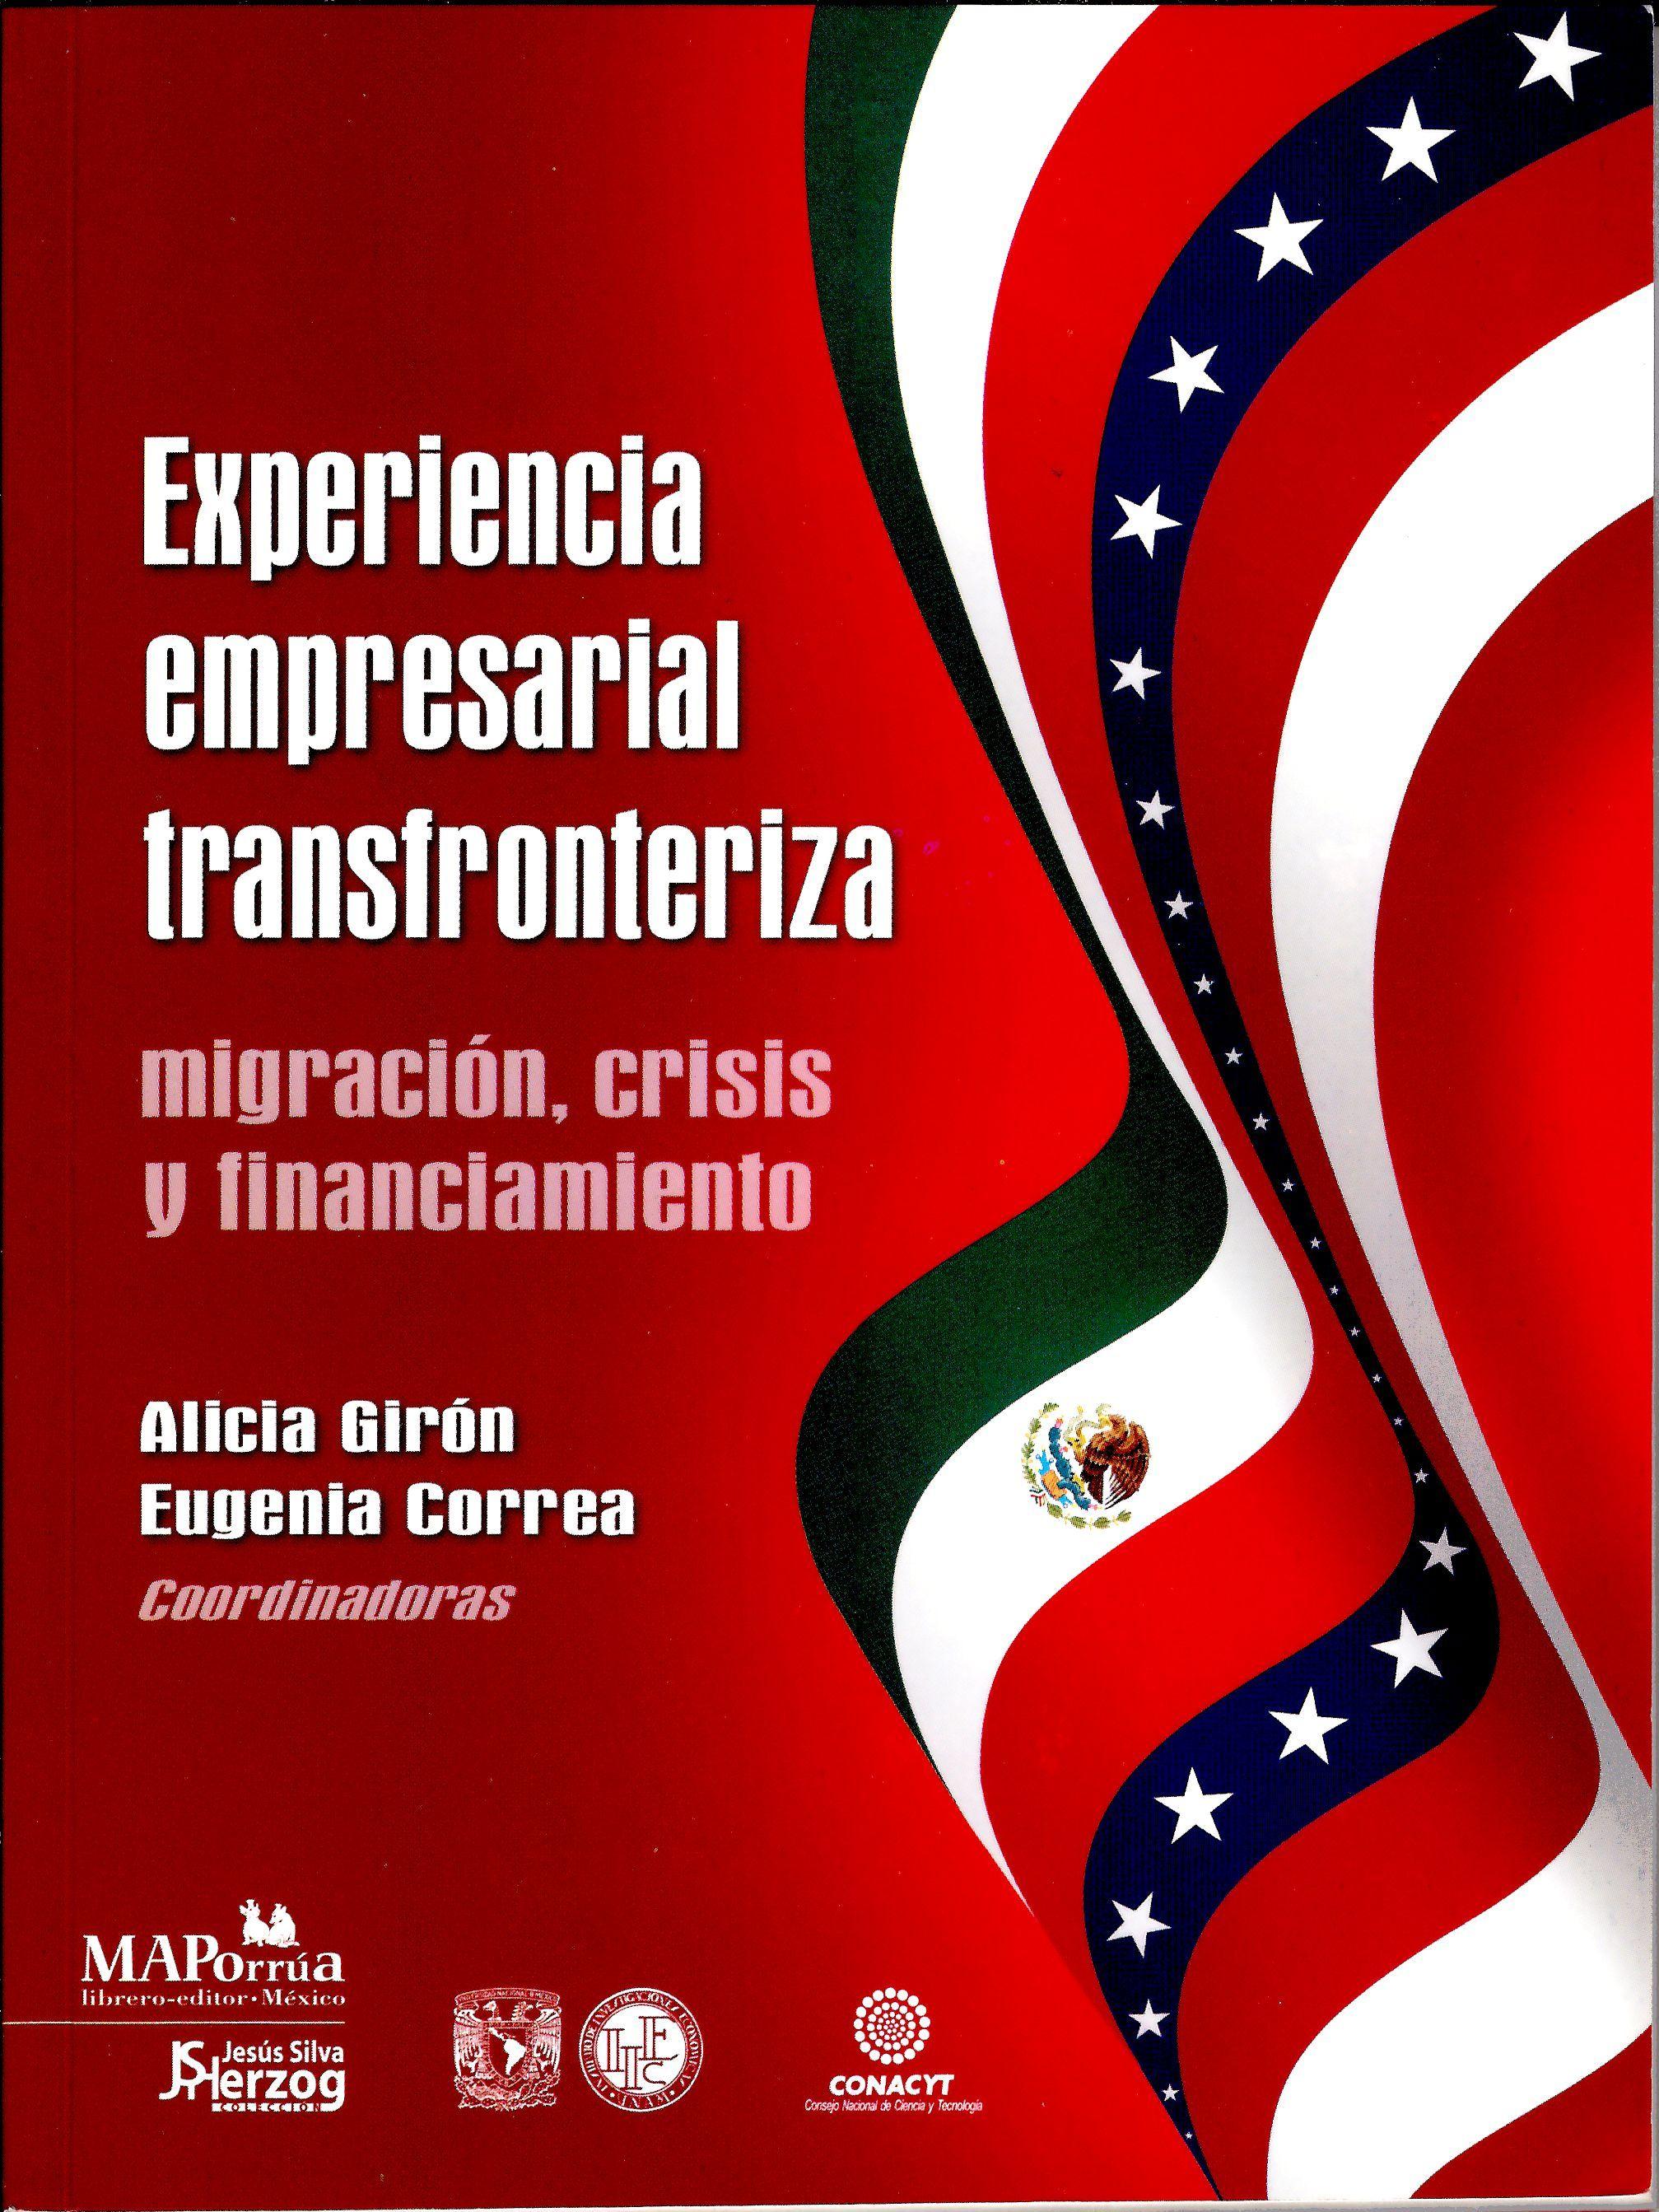 Experiencia empresarial transfronteriza, migración, crisis y financiamiento